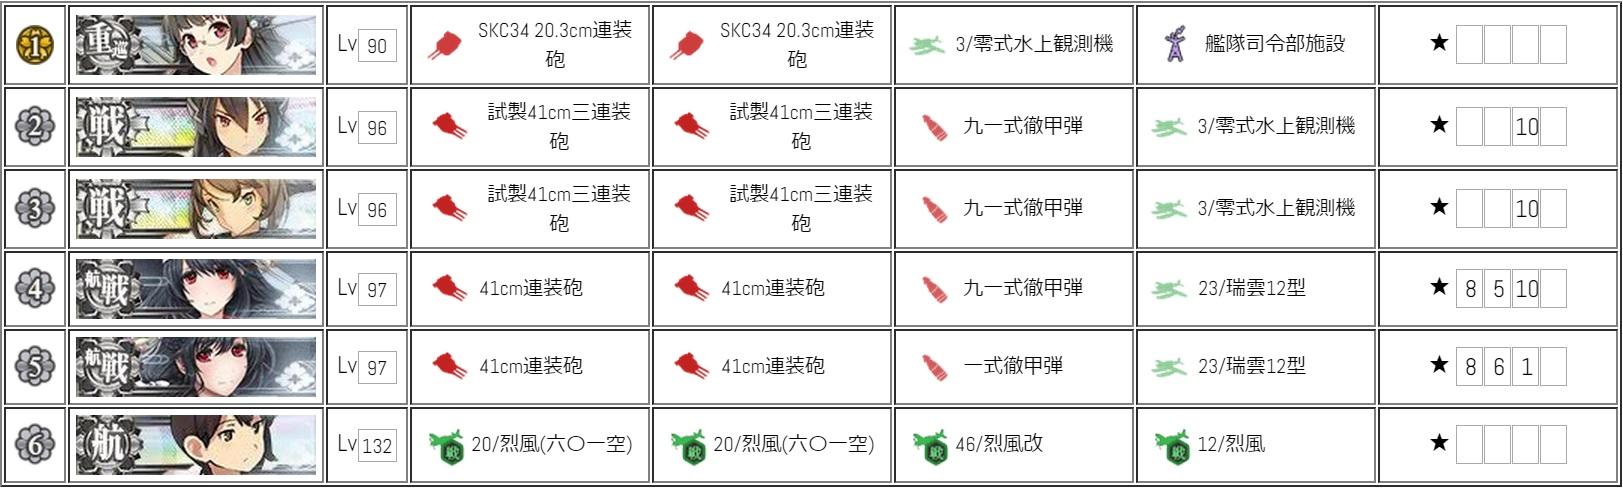 15sp-E-6-1.jpg